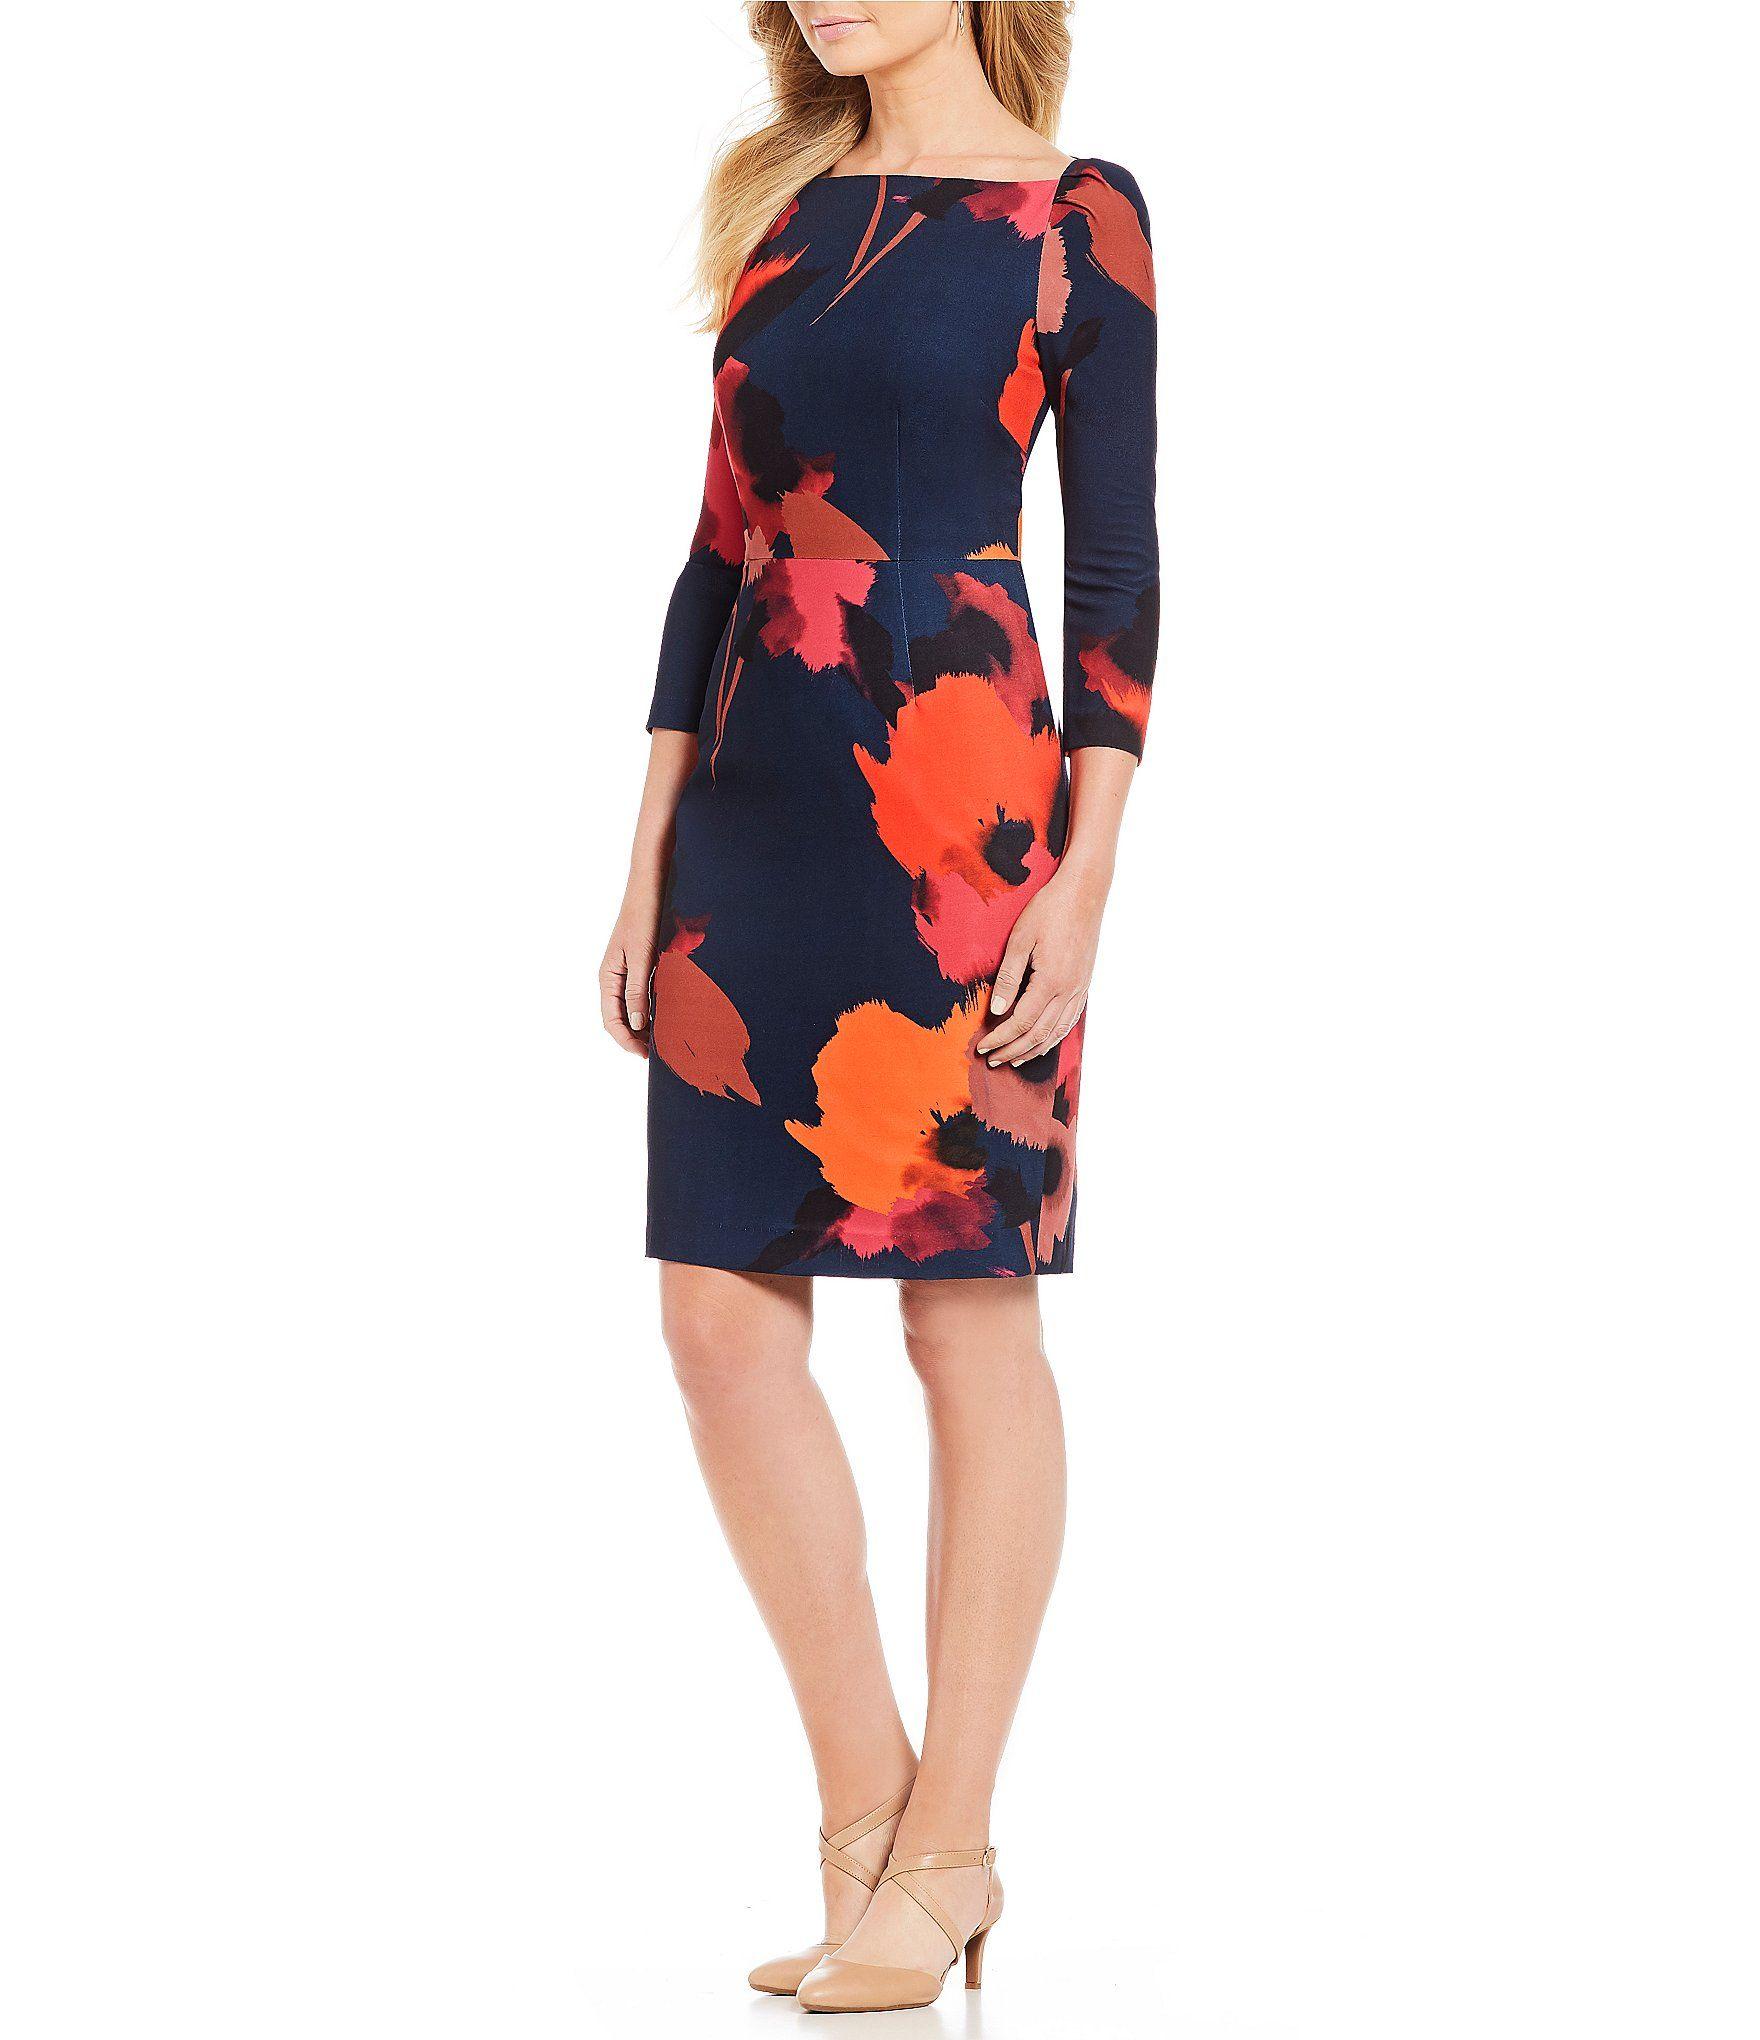 8d7f7ce50fd Alex Marie Yasmin Printed Sheath Dress  Dillards